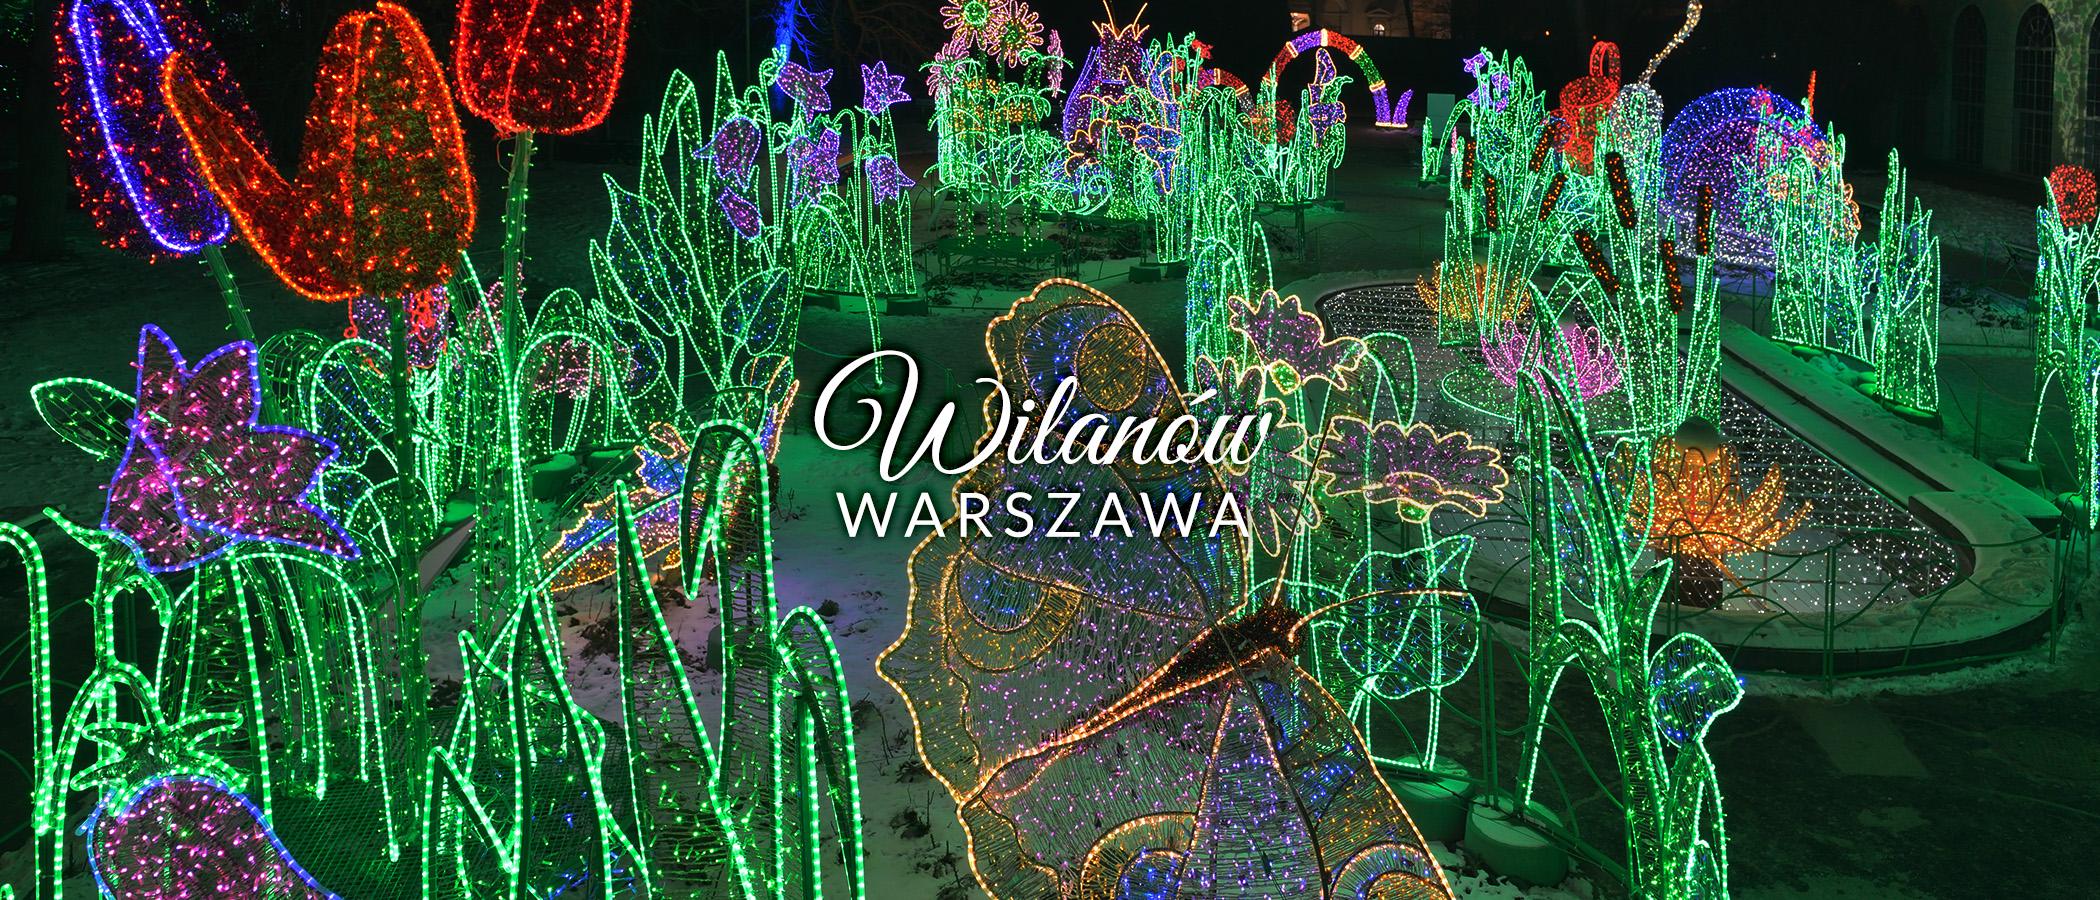 wilanow_pl